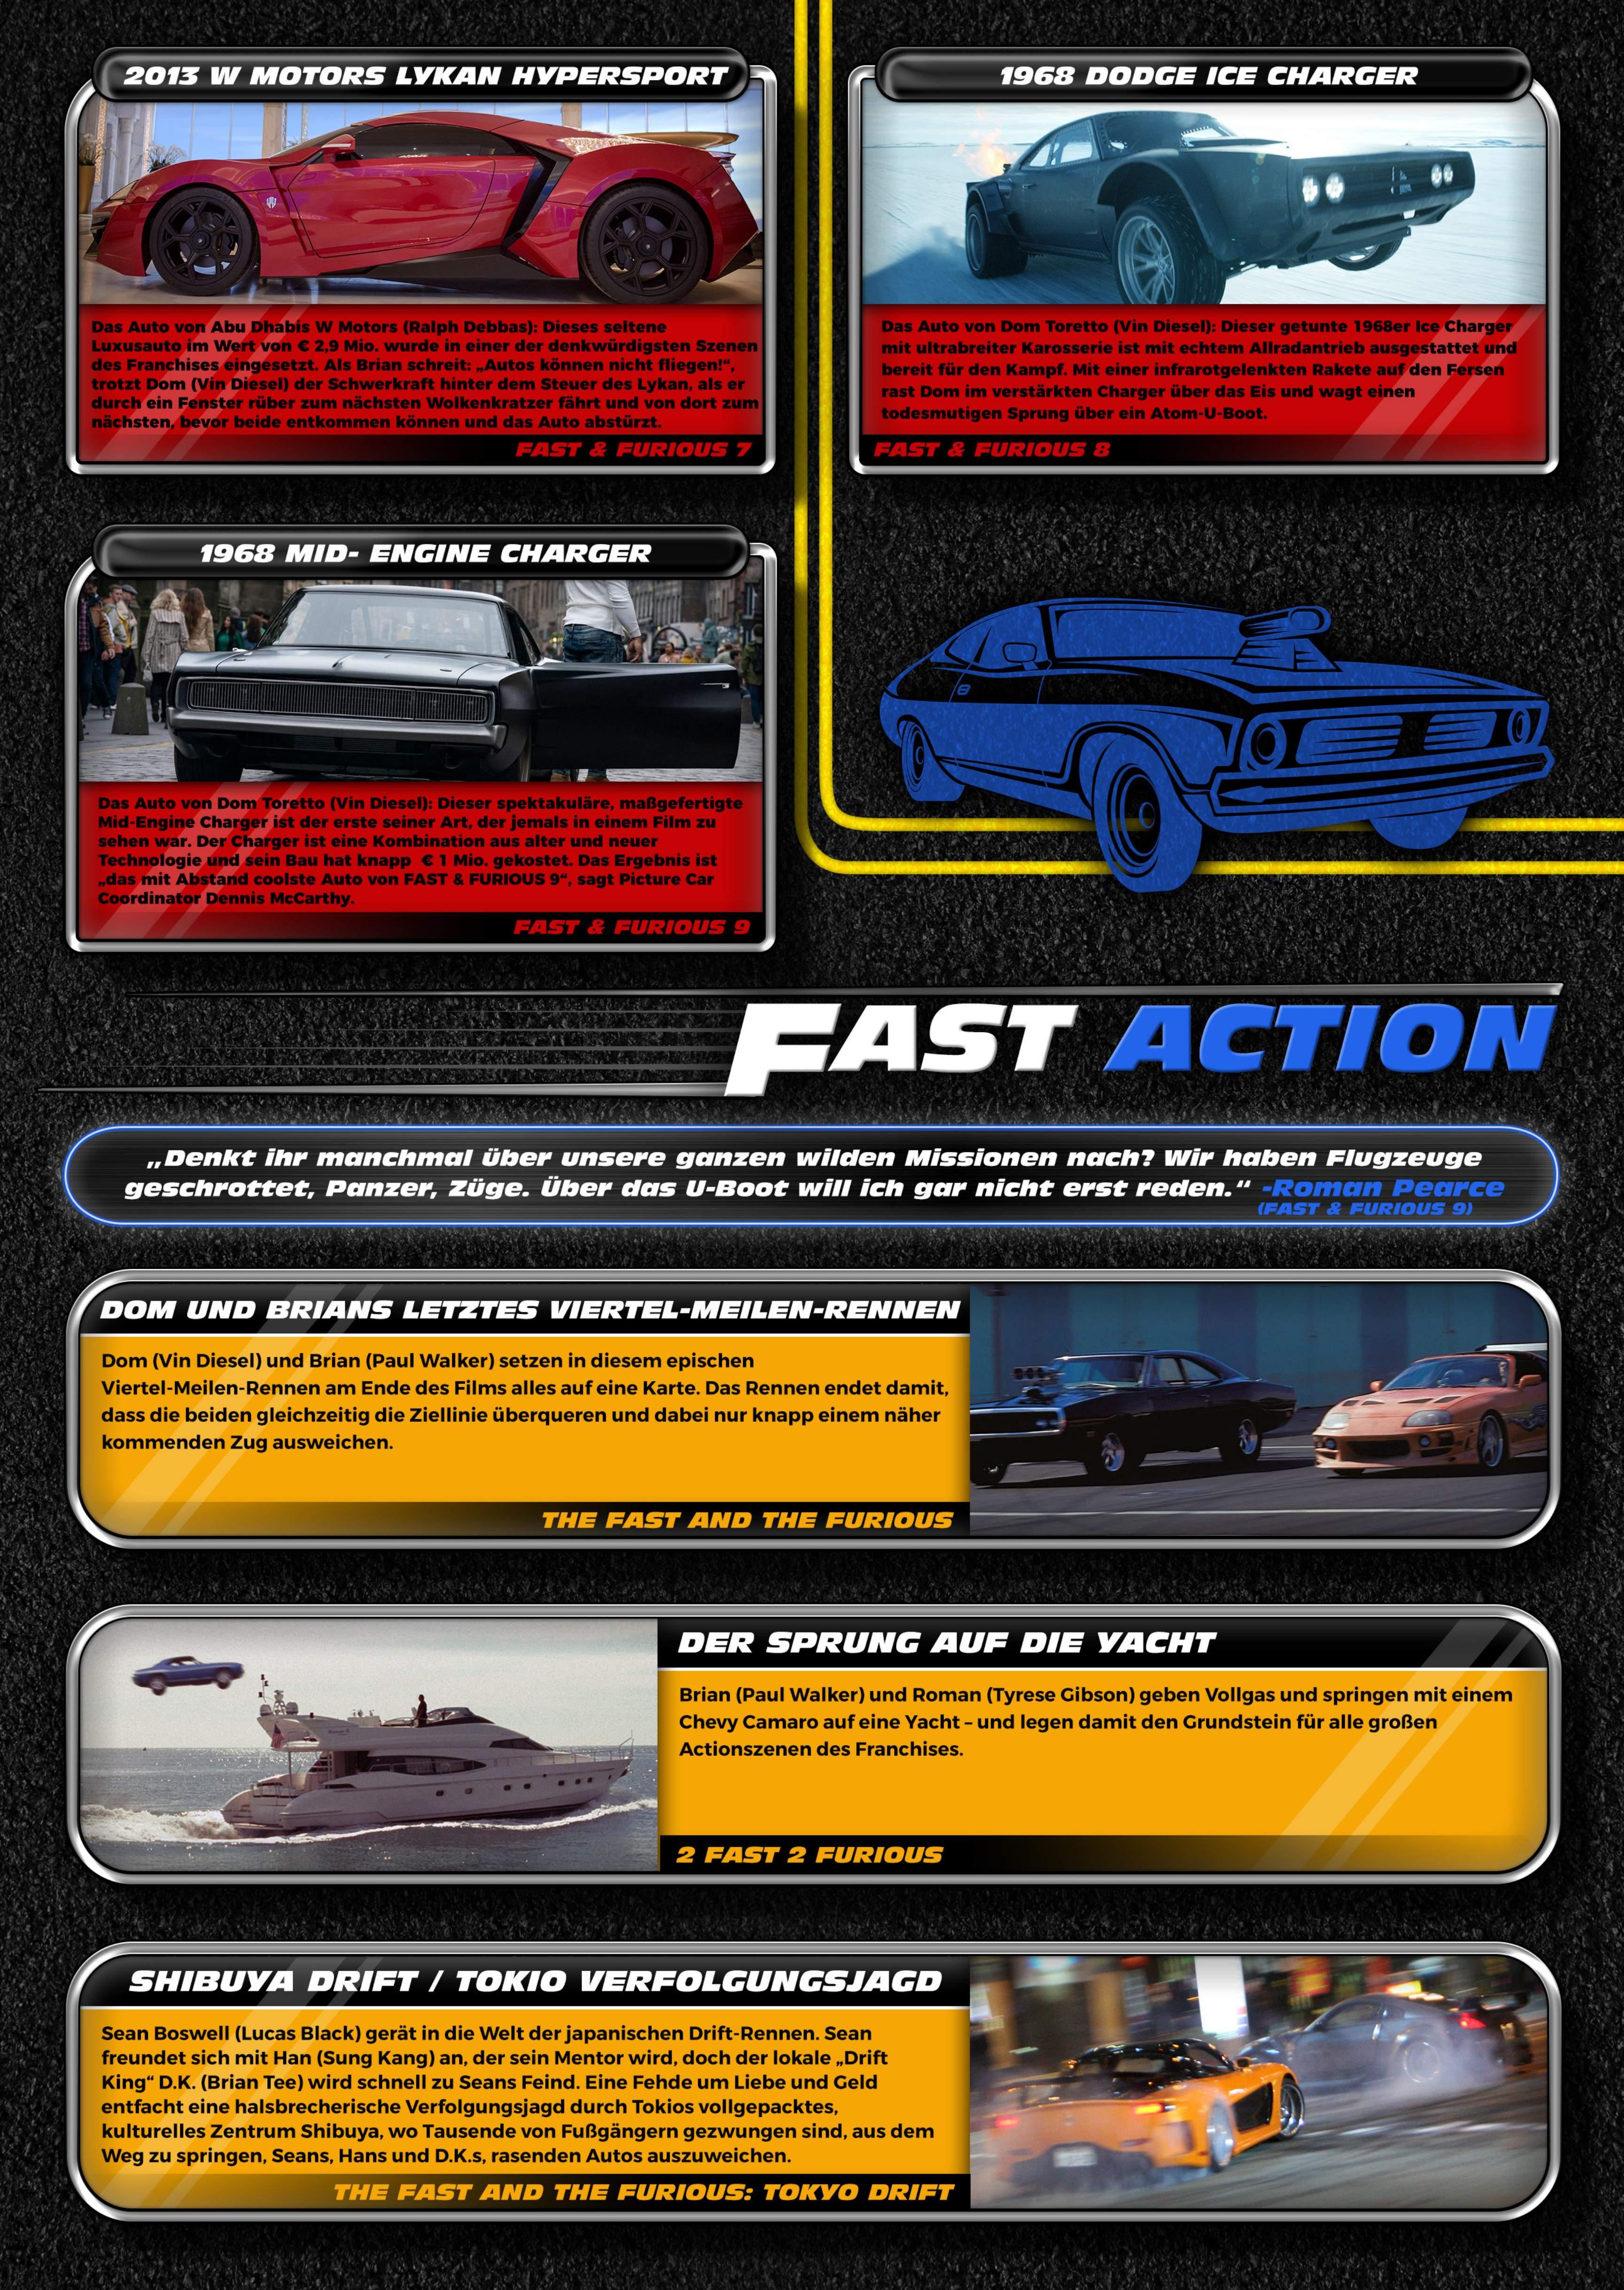 Facts zu Fast & Furious